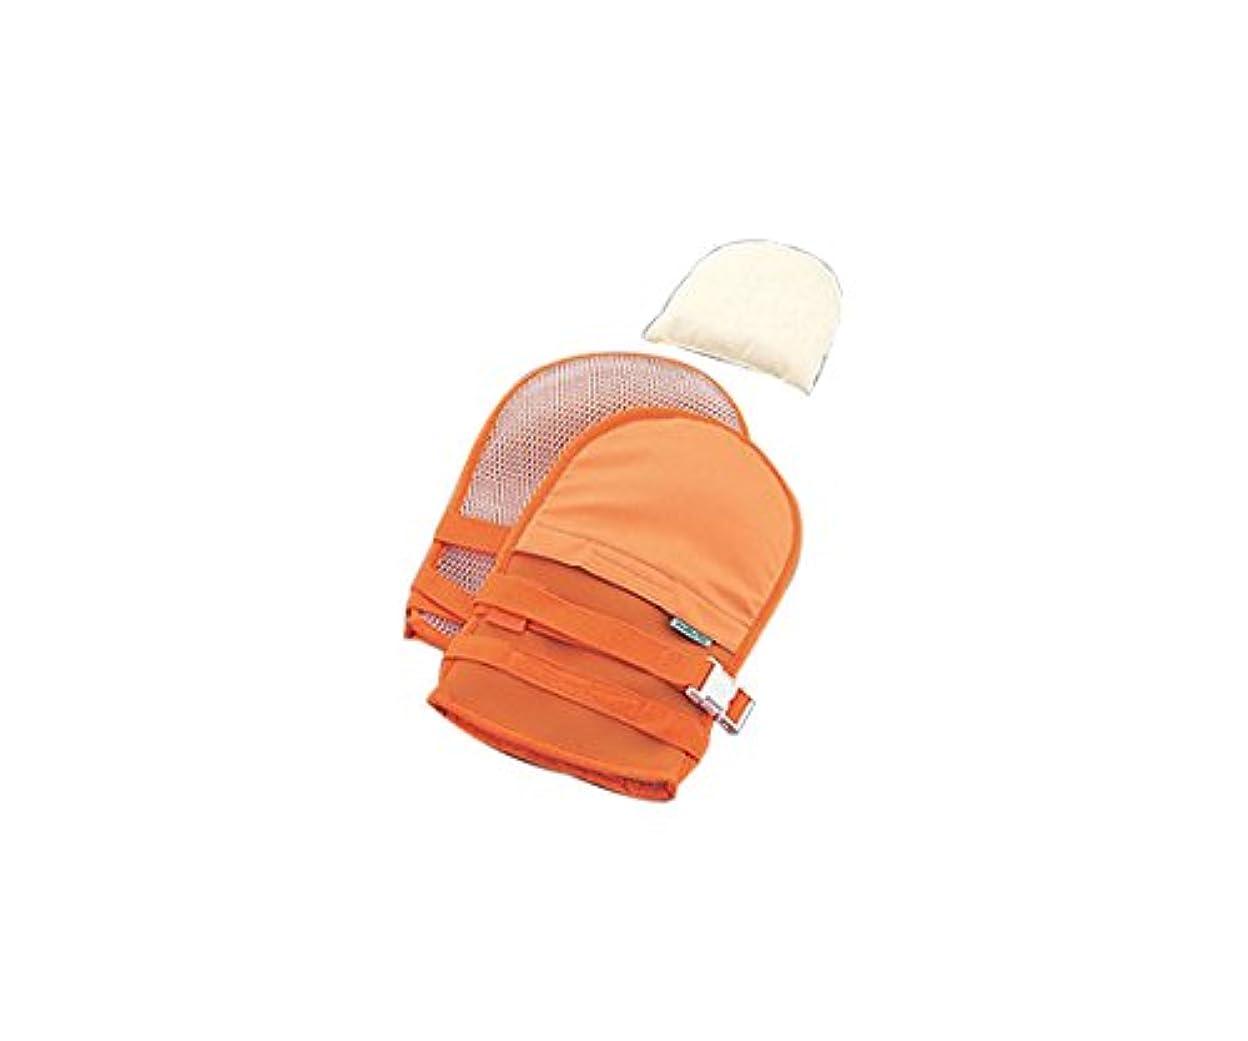 寮コモランマさびたナビス(アズワン)0-1638-43抜管防止手袋小メッシュオレンジ